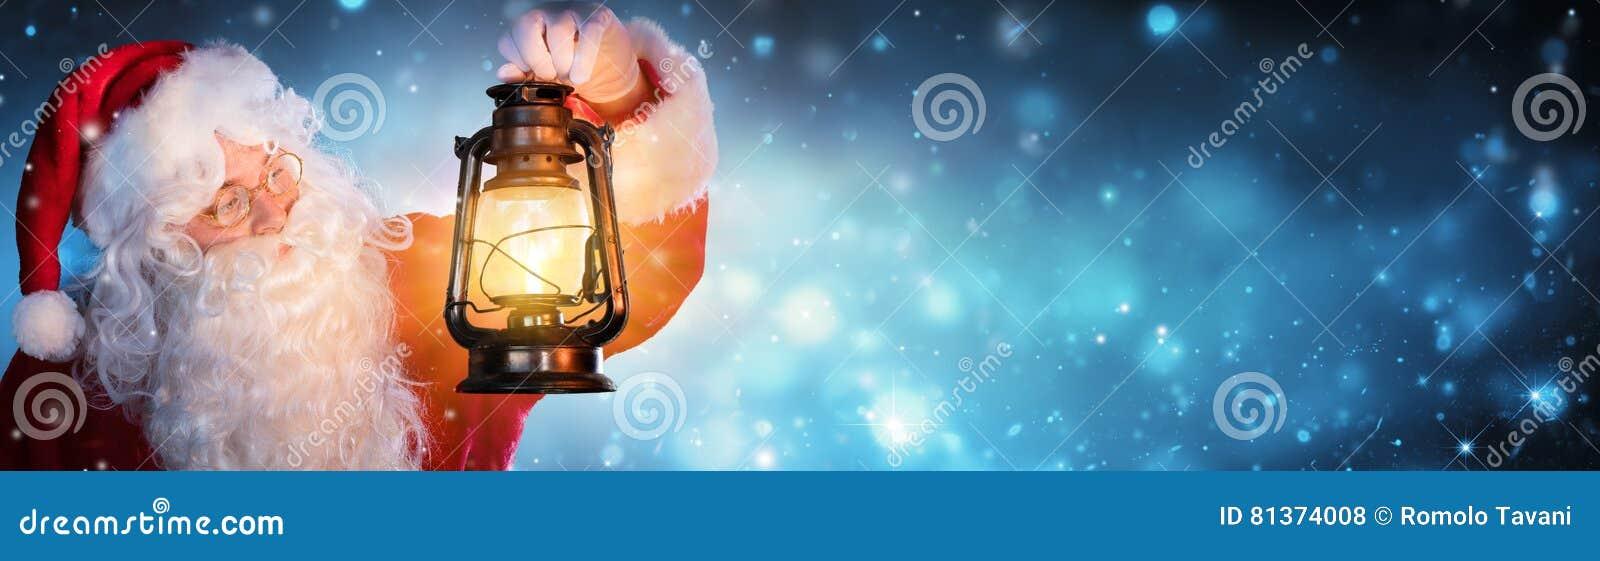 Santa Claus com lanterna